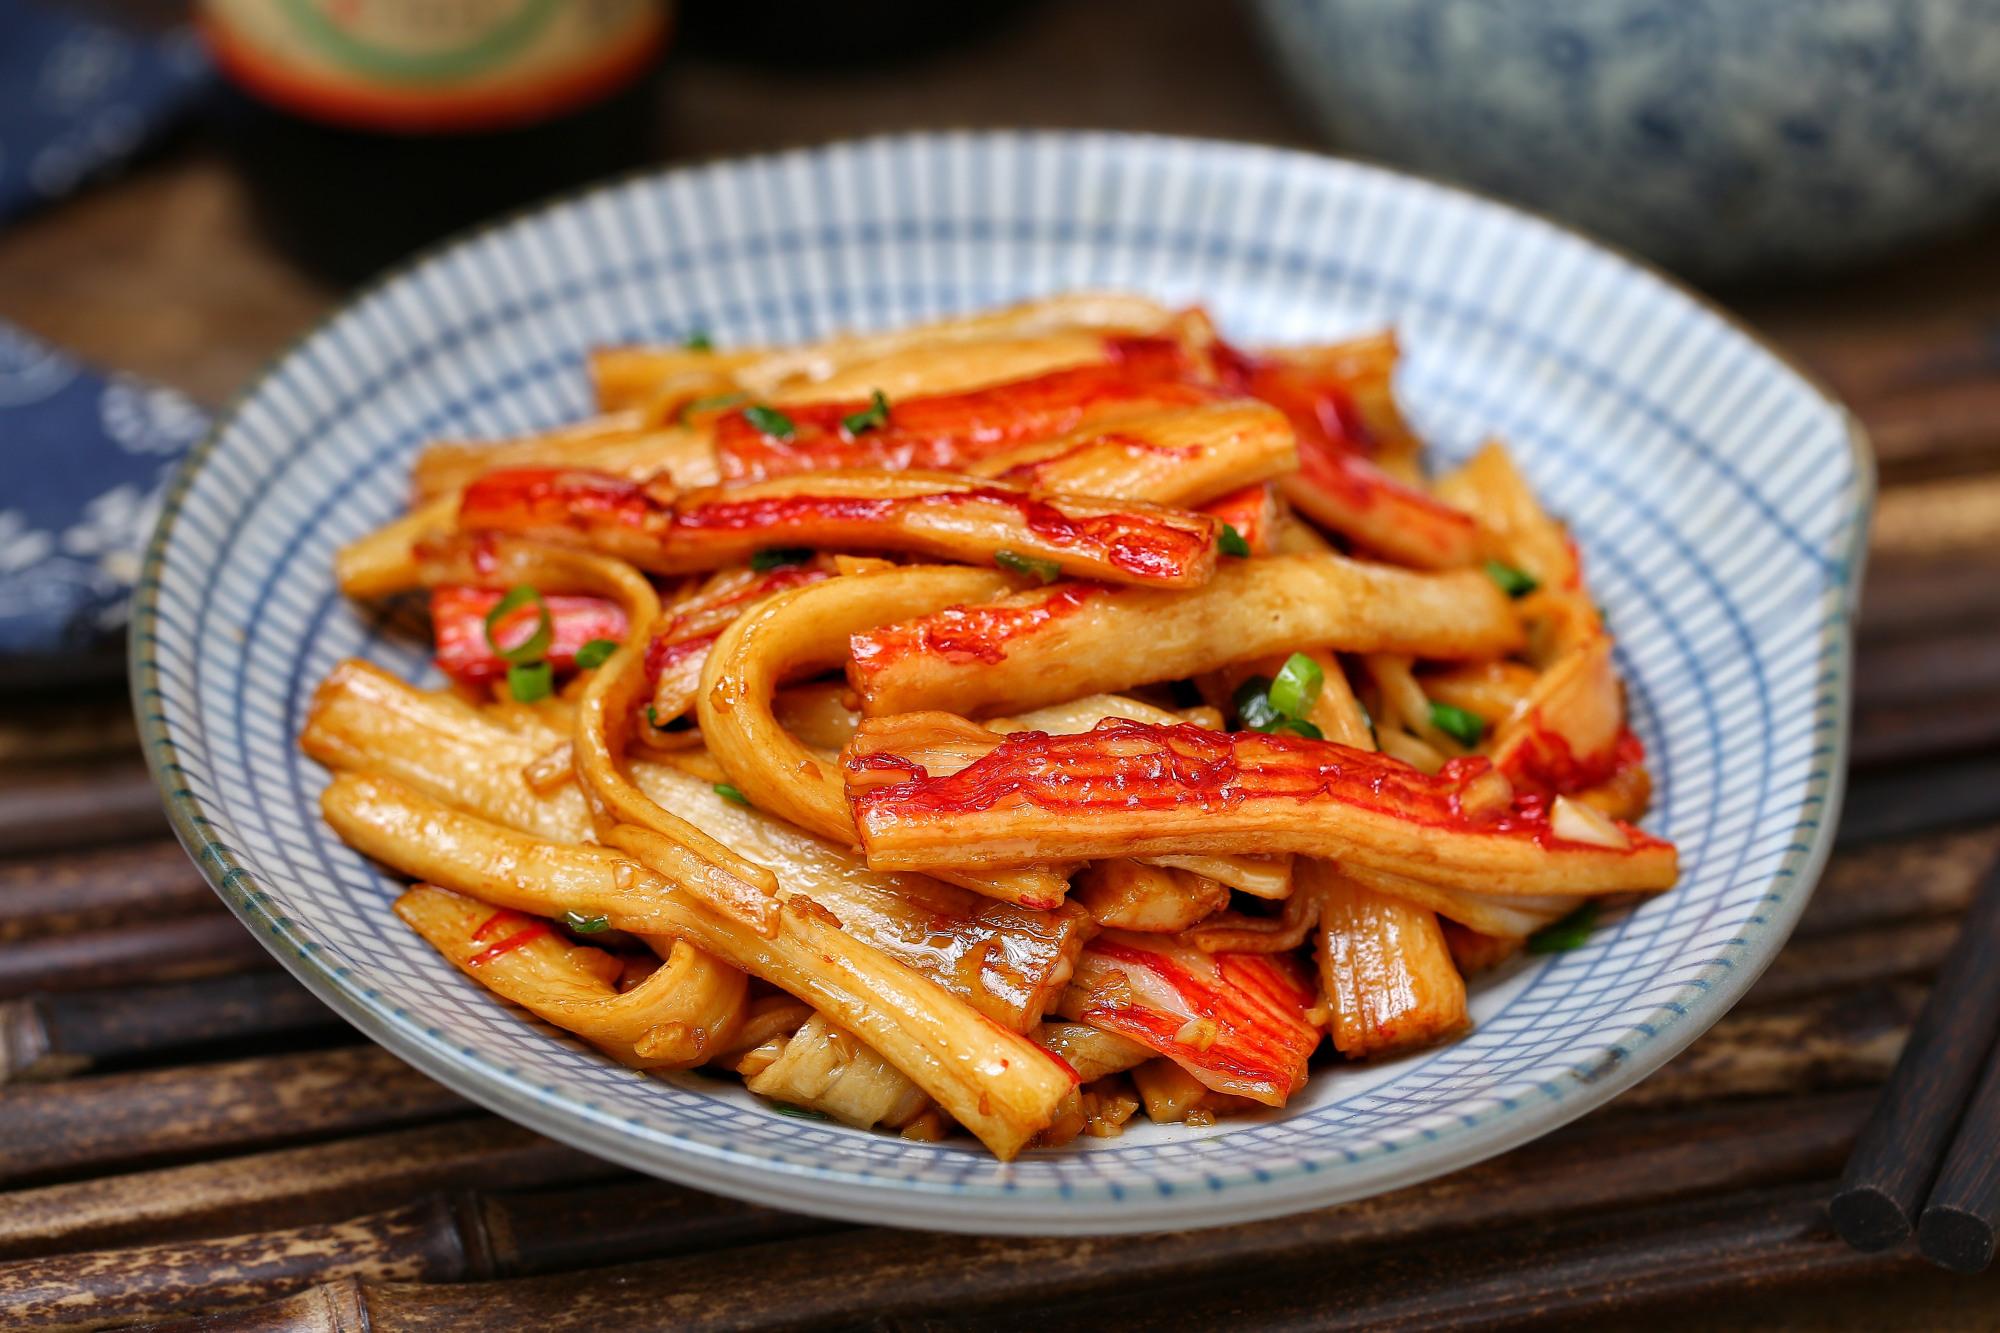 简单快手下饭菜,五分钟出锅毫无难度,口感鲜美嫩滑就是太费米饭 美食做法 第1张